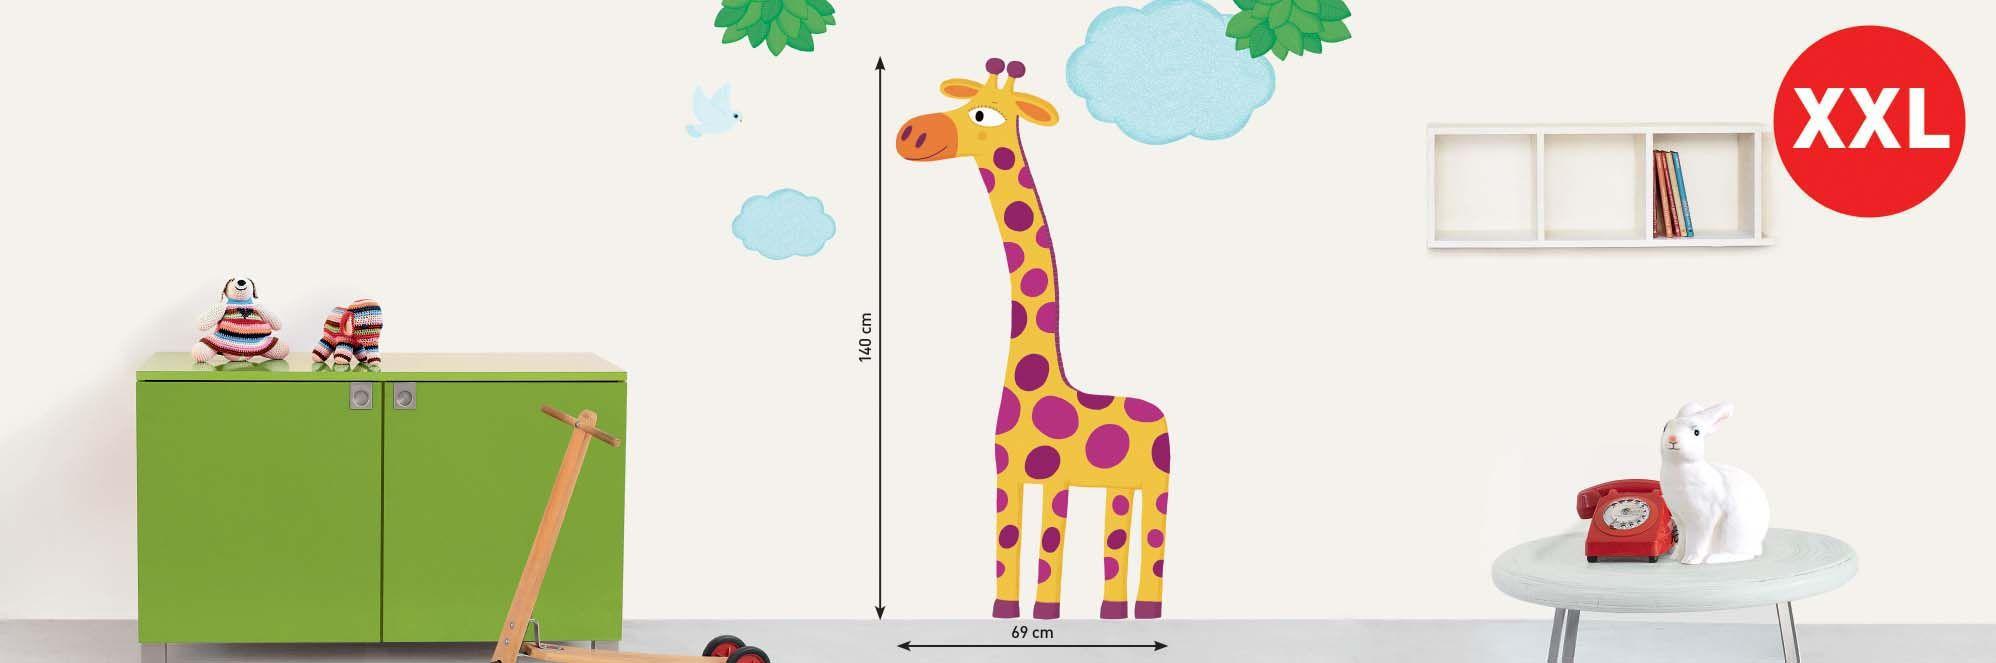 Sticker Mural Girafe Grande Taille Xxl